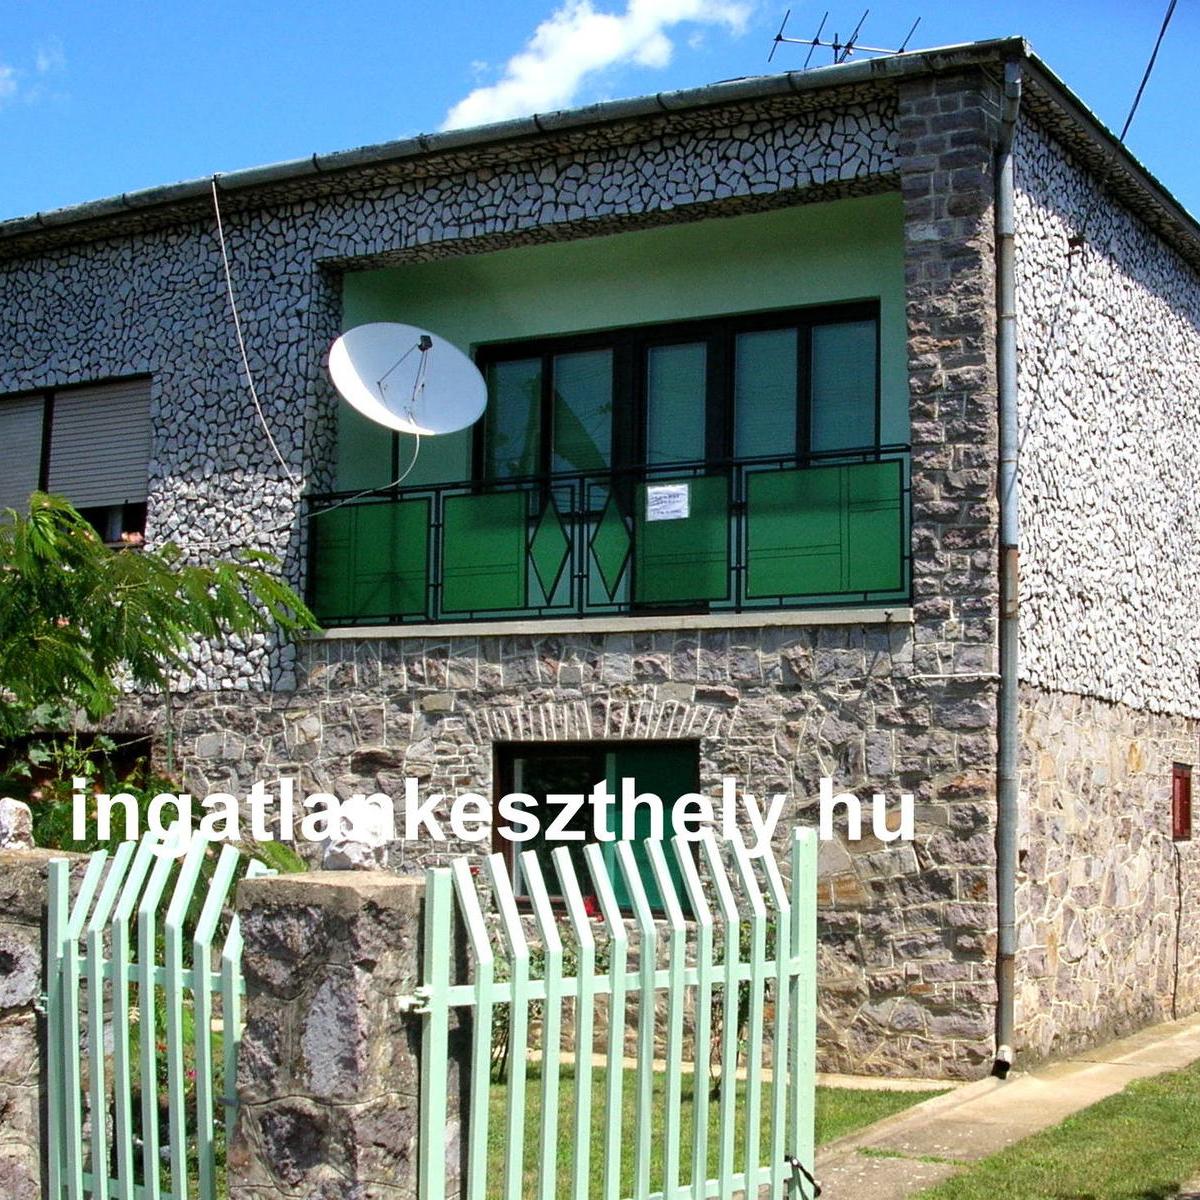 Eladó  családi ház (Szabolcs-Szatmár-Bereg megye, Nyírcsászári, Ady Endre utca) 12,99 M  Ft